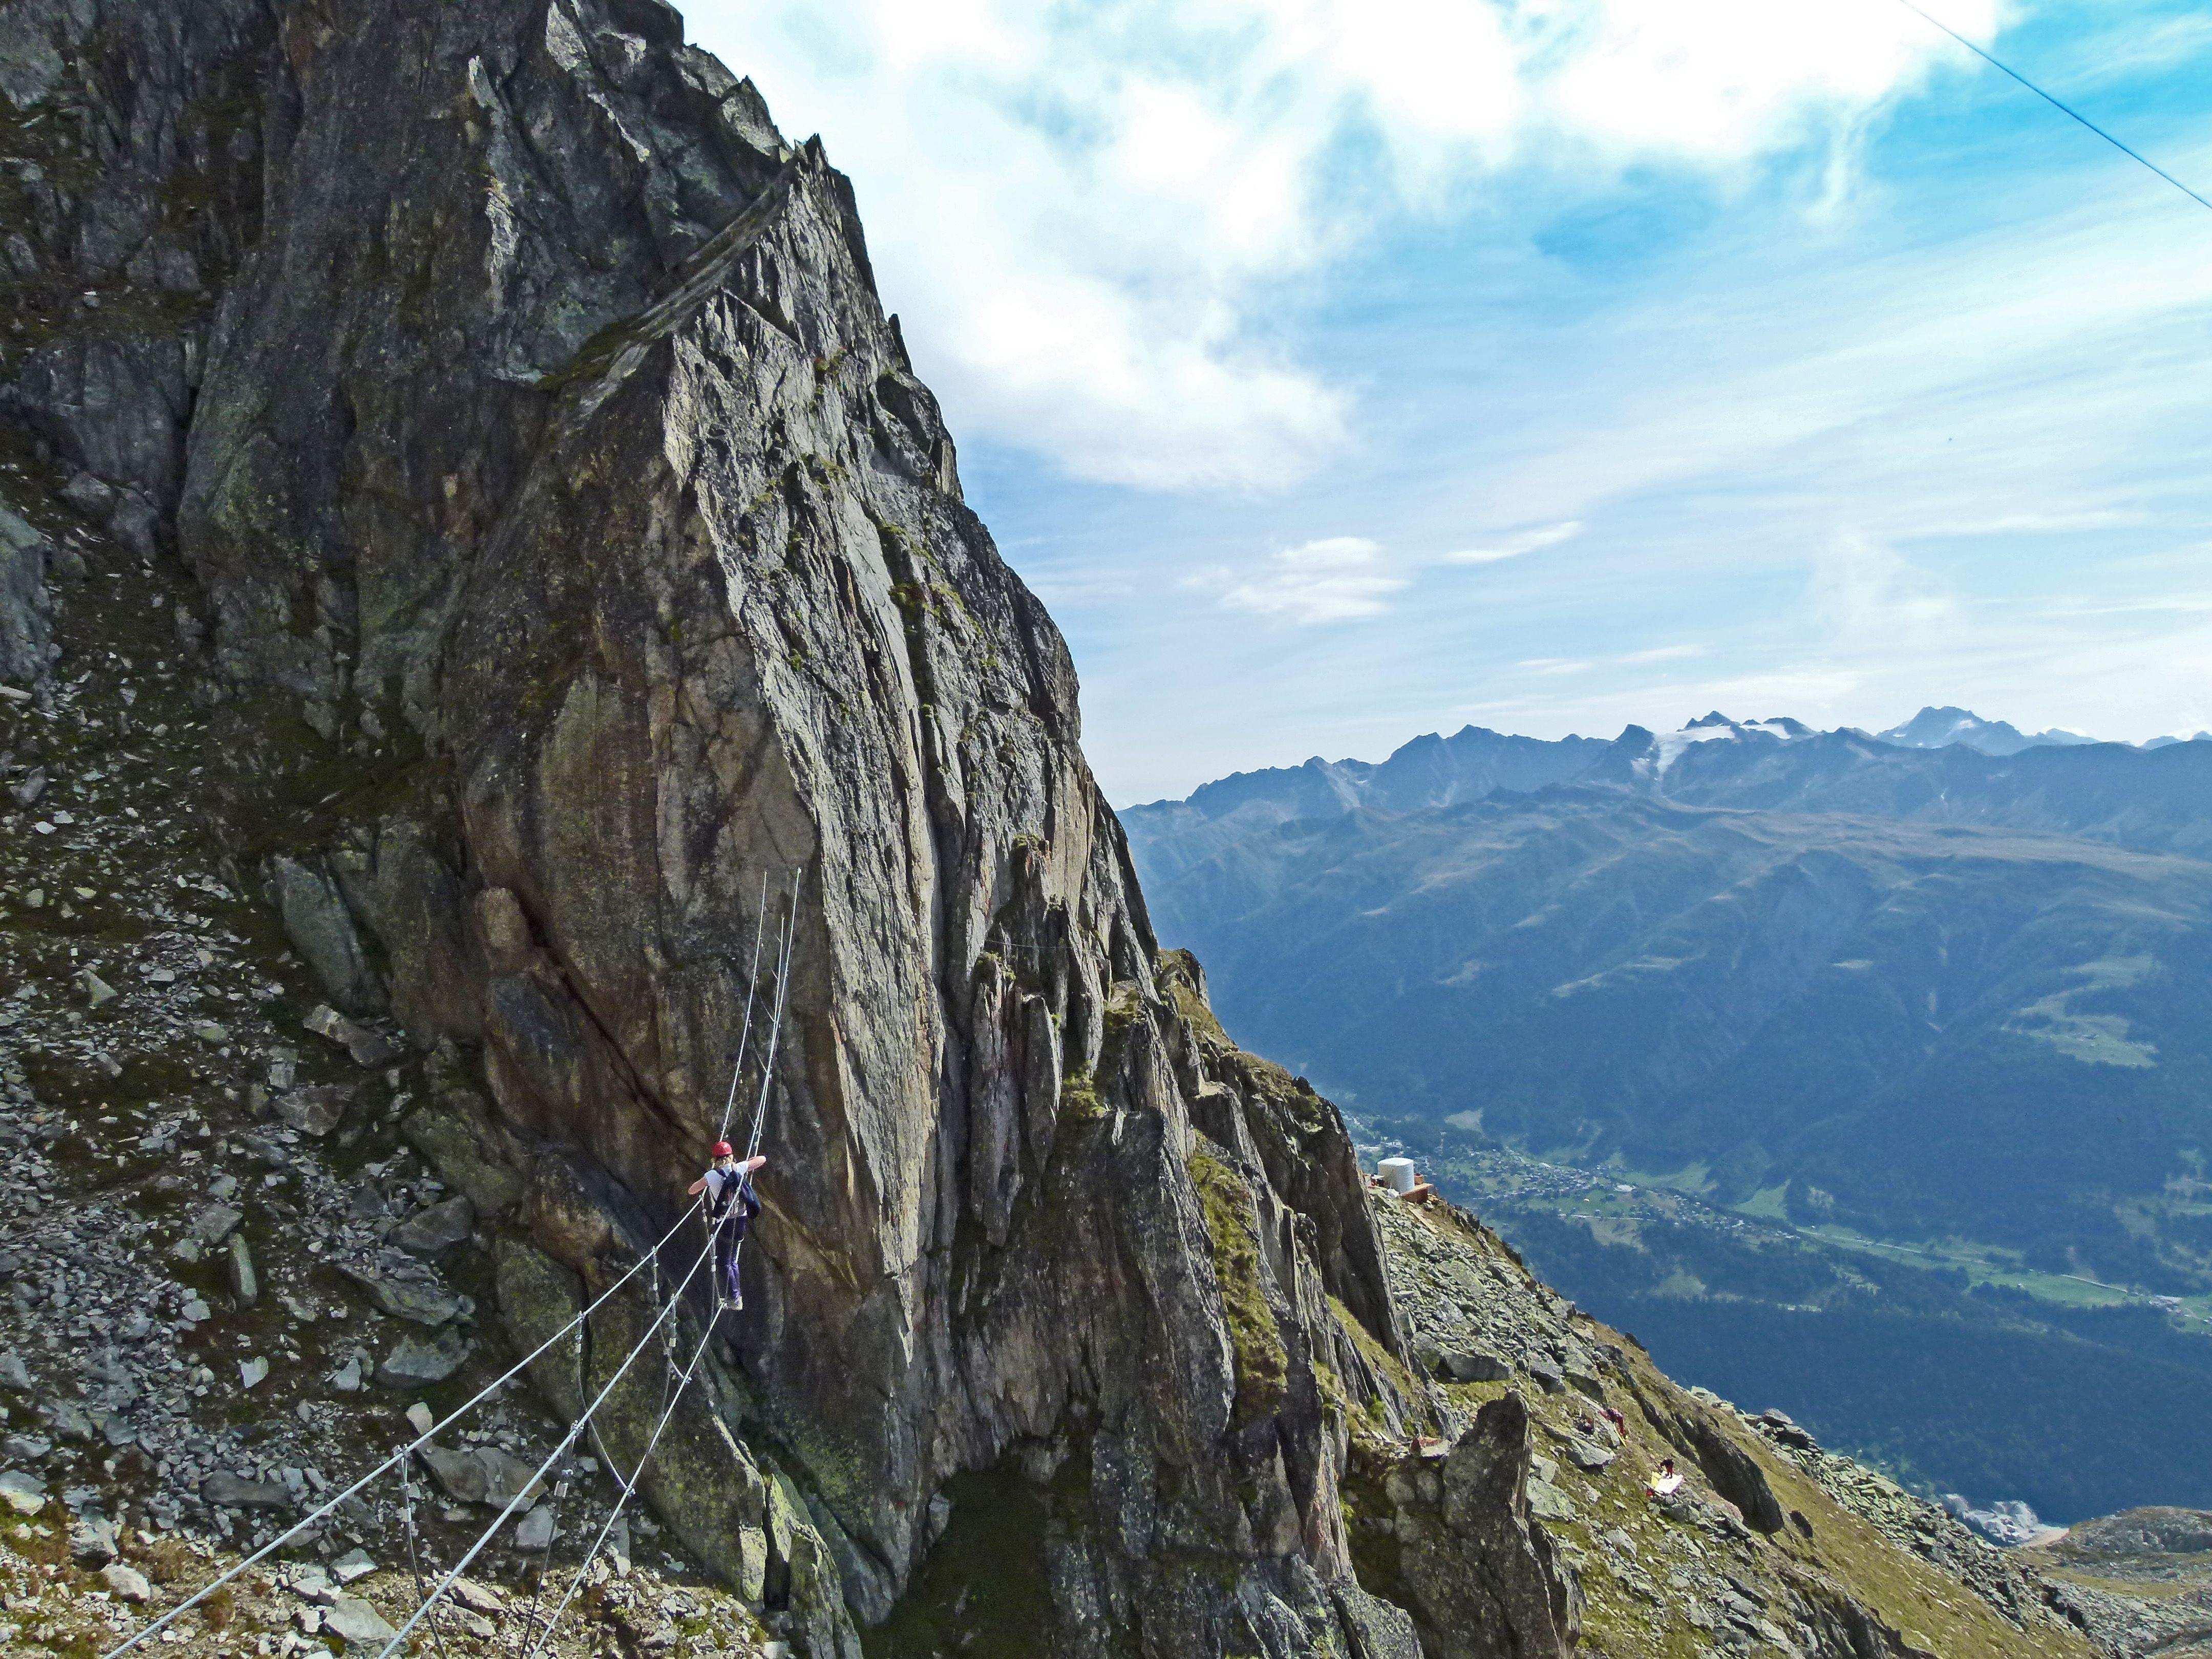 Klettersteig Switzerland : Me on the eggishorn klettersteig switzerland been there